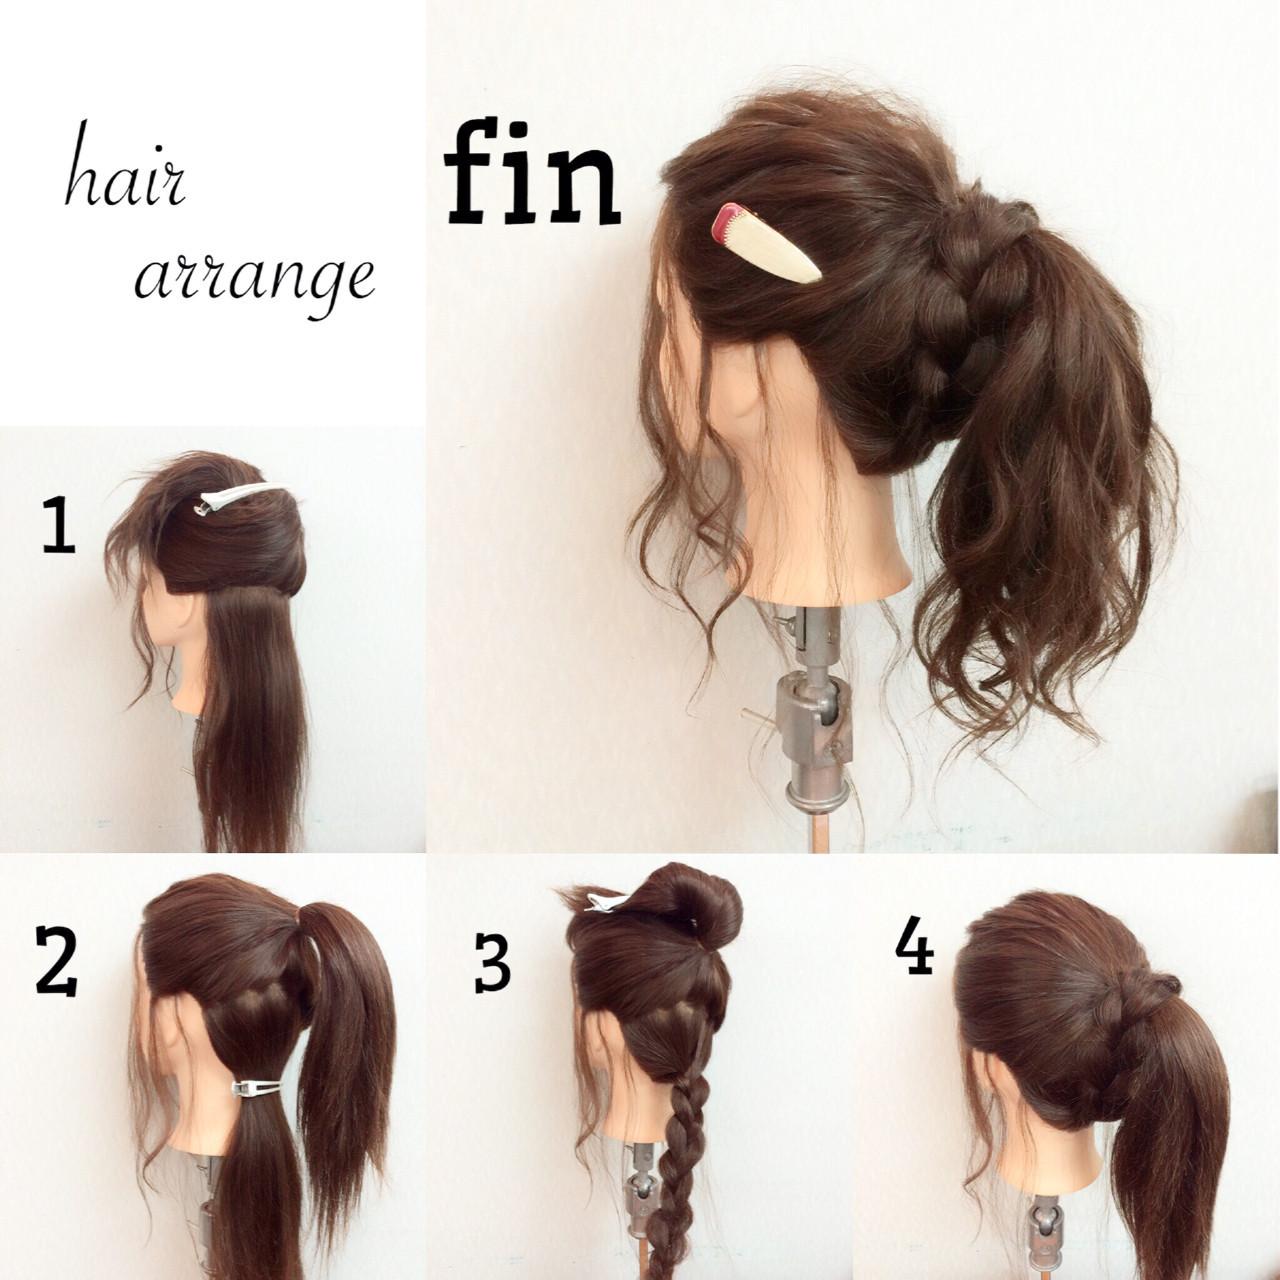 ヘアアレンジ フェミニン ショート ロング ヘアスタイルや髪型の写真・画像